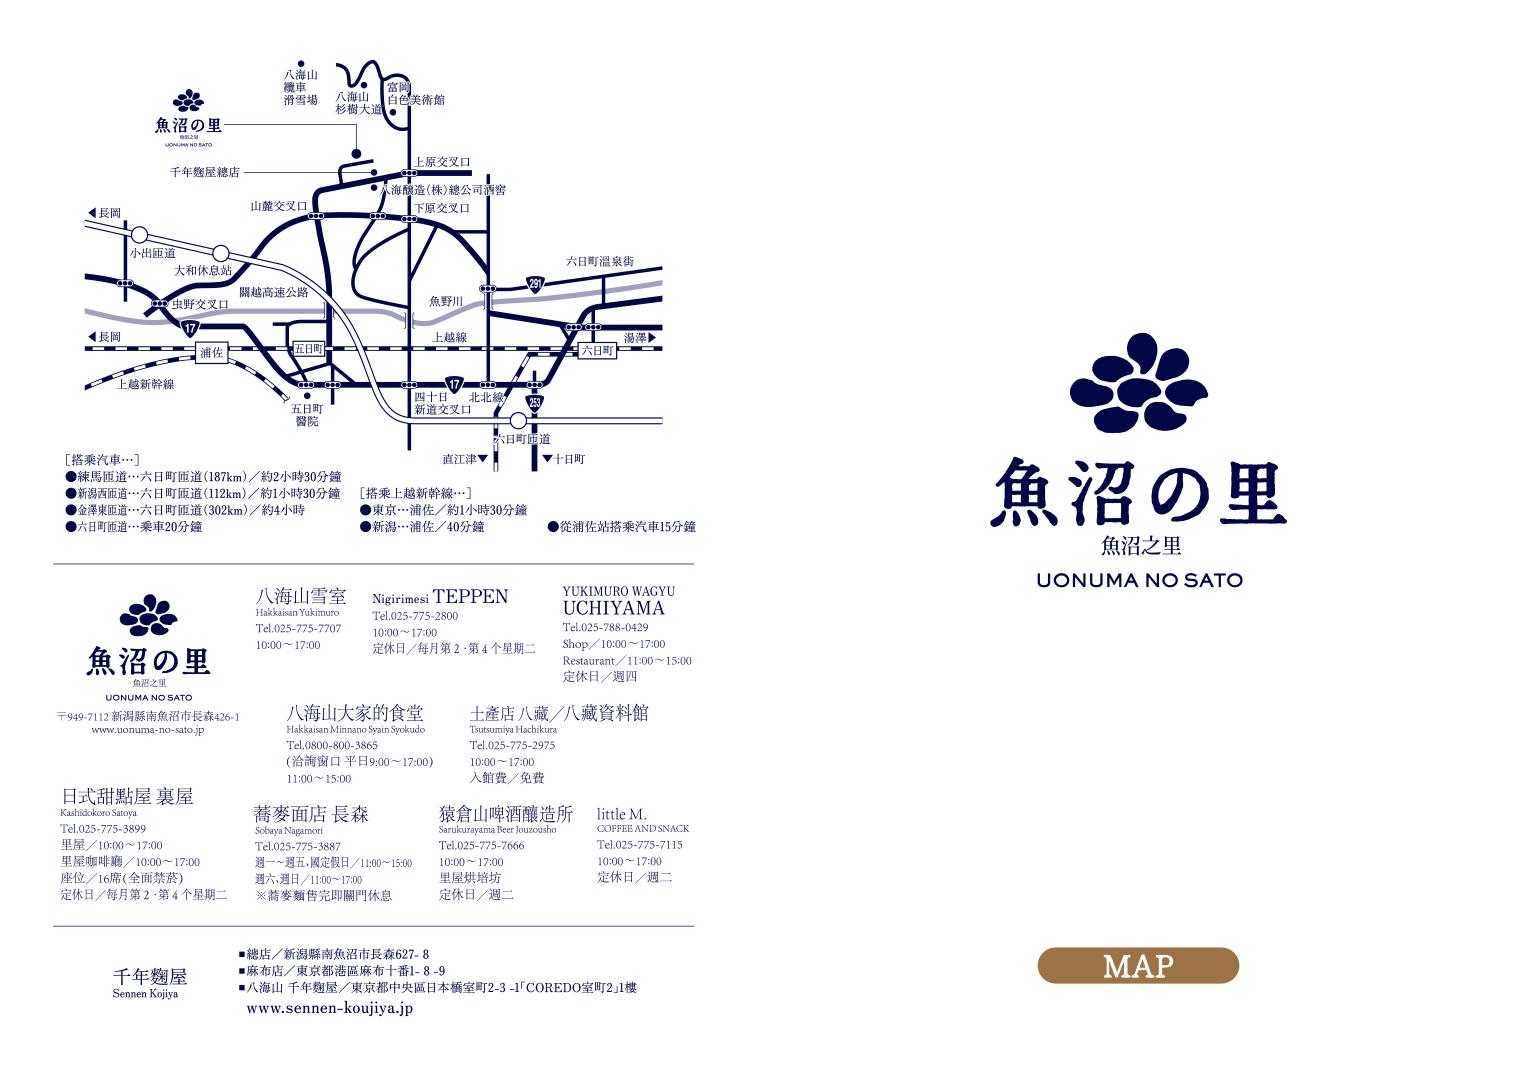 魚沼の里_里マップ_繁体版2-1